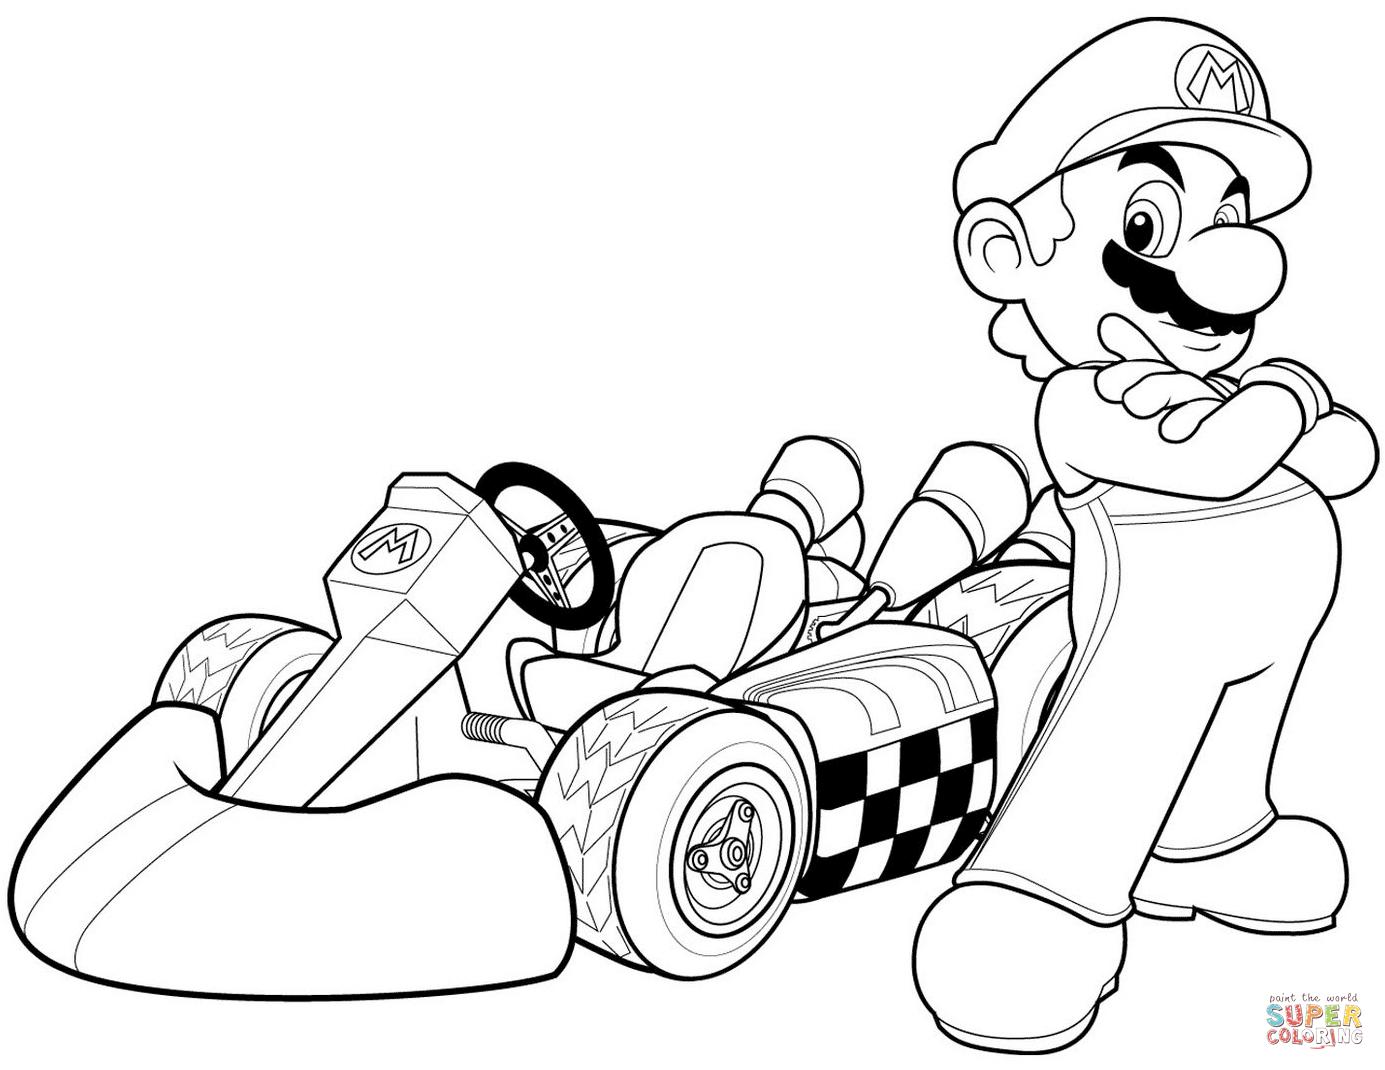 Mario Coloring Pages To Print Super Mario Bros Coloring Pages Free Coloring Pages